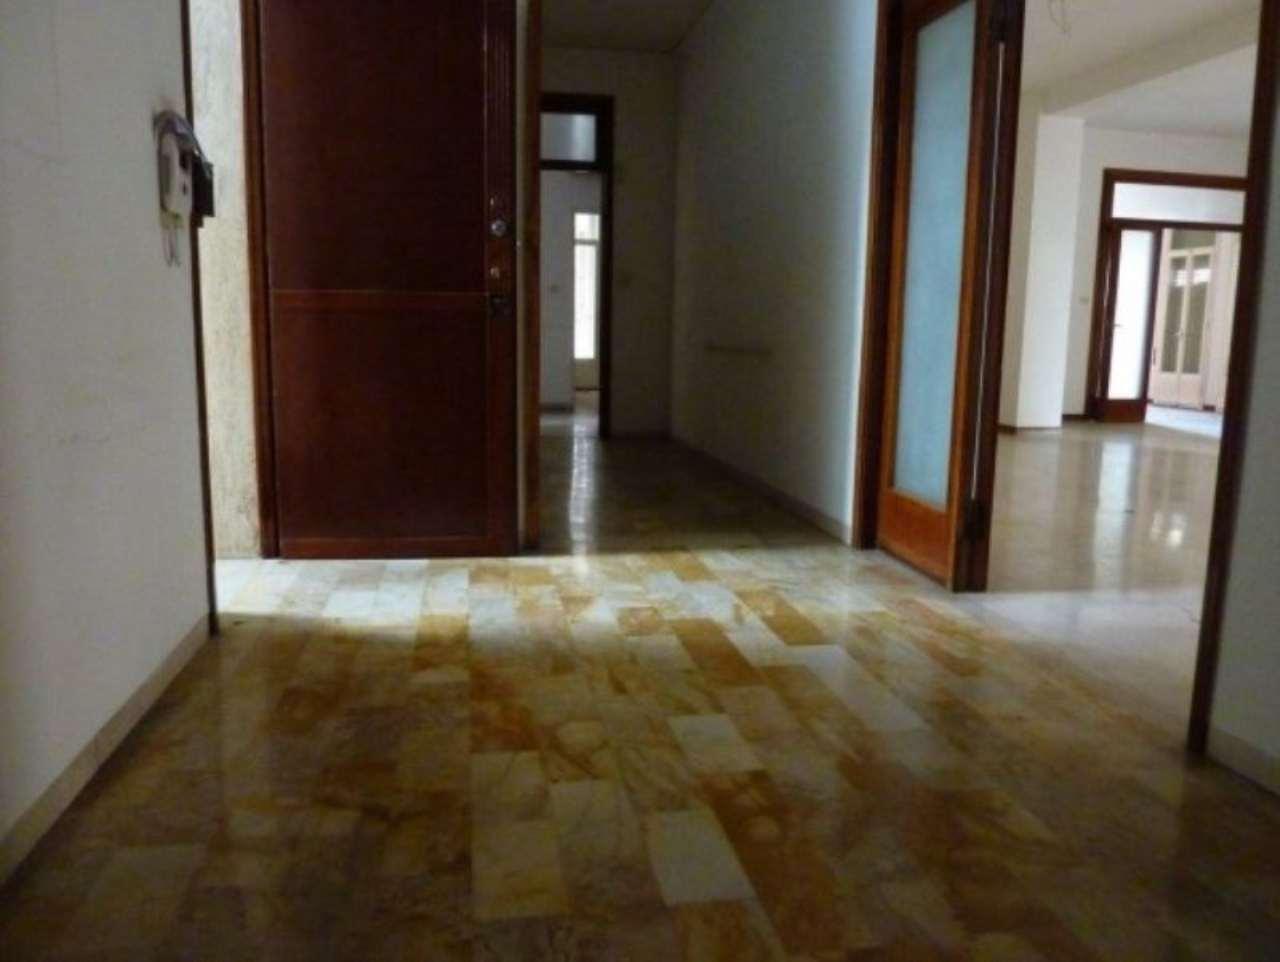 Appartamento in vendita a Treviso, 6 locali, prezzo € 920.000 | Cambio Casa.it